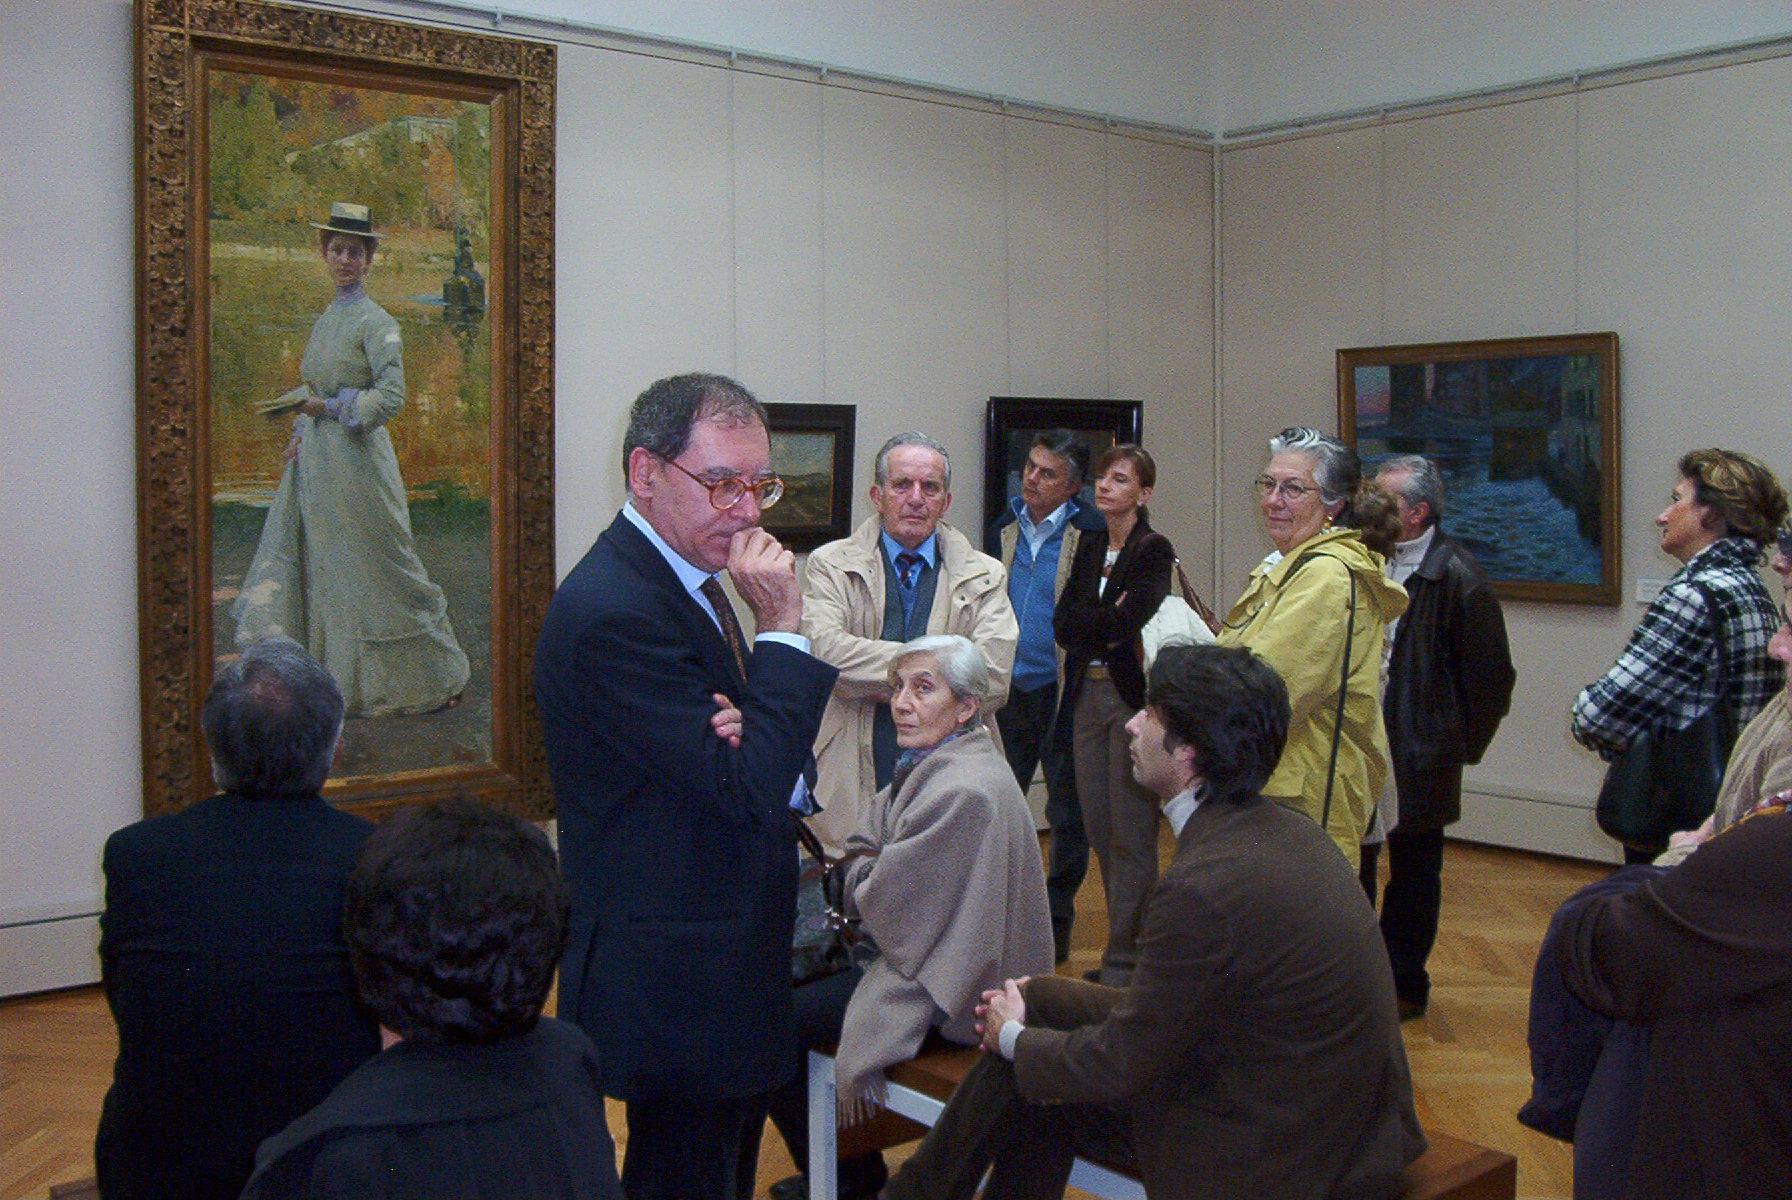 I pittori Piemontesi e Veneti alla Galleria Ricci Oddi – a cura di Stefano Fugazza